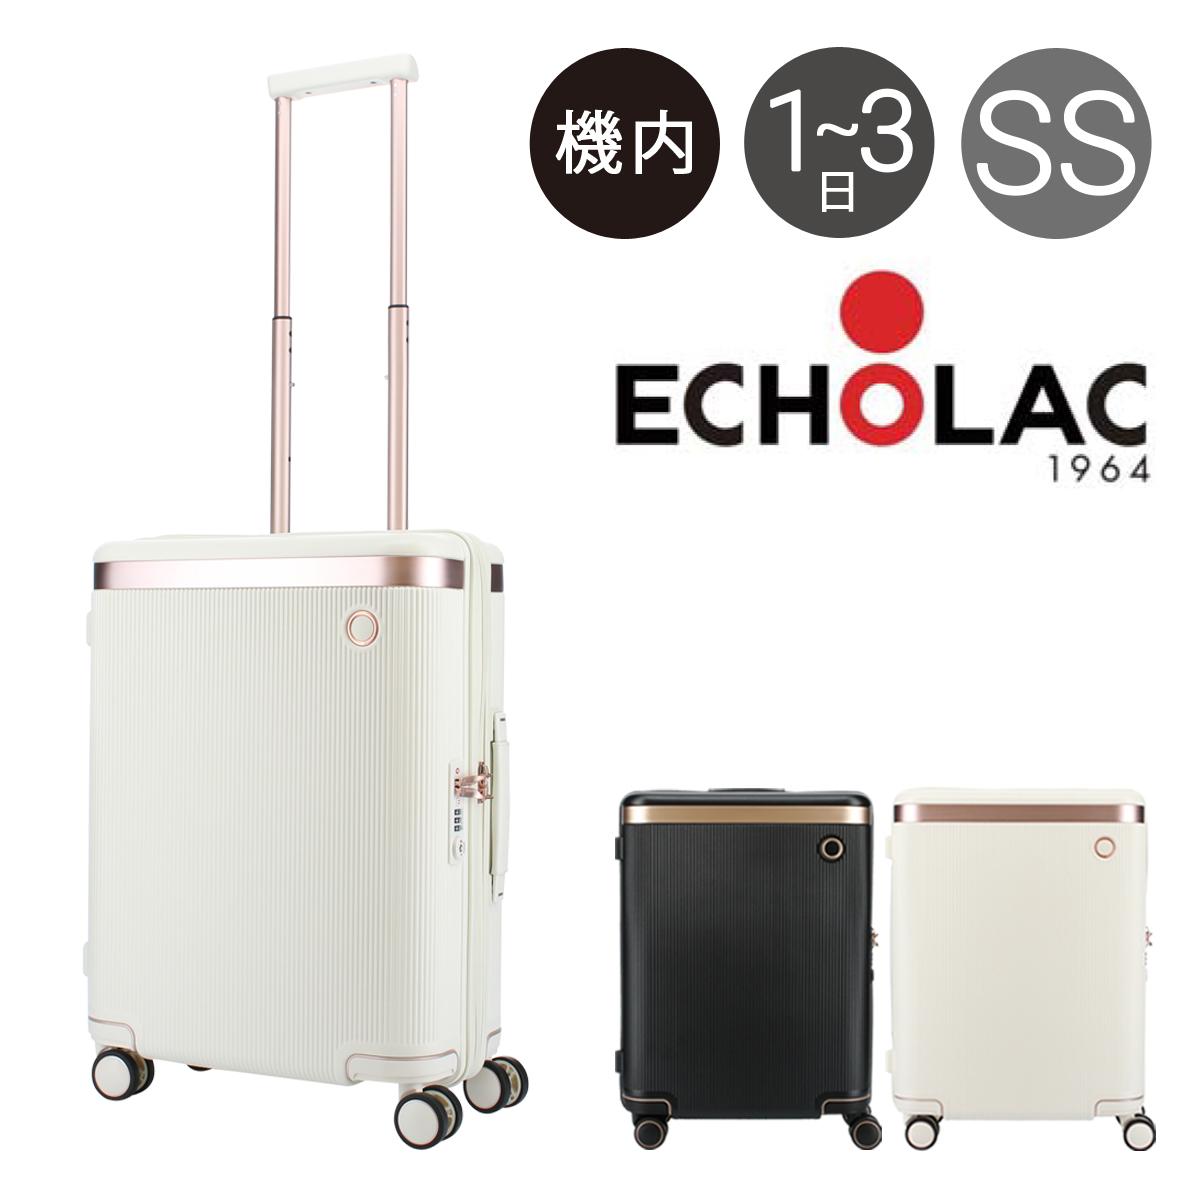 エコーラック スーツケース ダイナスティ 36L 39cm 3kg PC142-20 ECHOLAC   ハード ファスナー 機内持ち込み可   TSAロック搭載 [bef][即日発送]